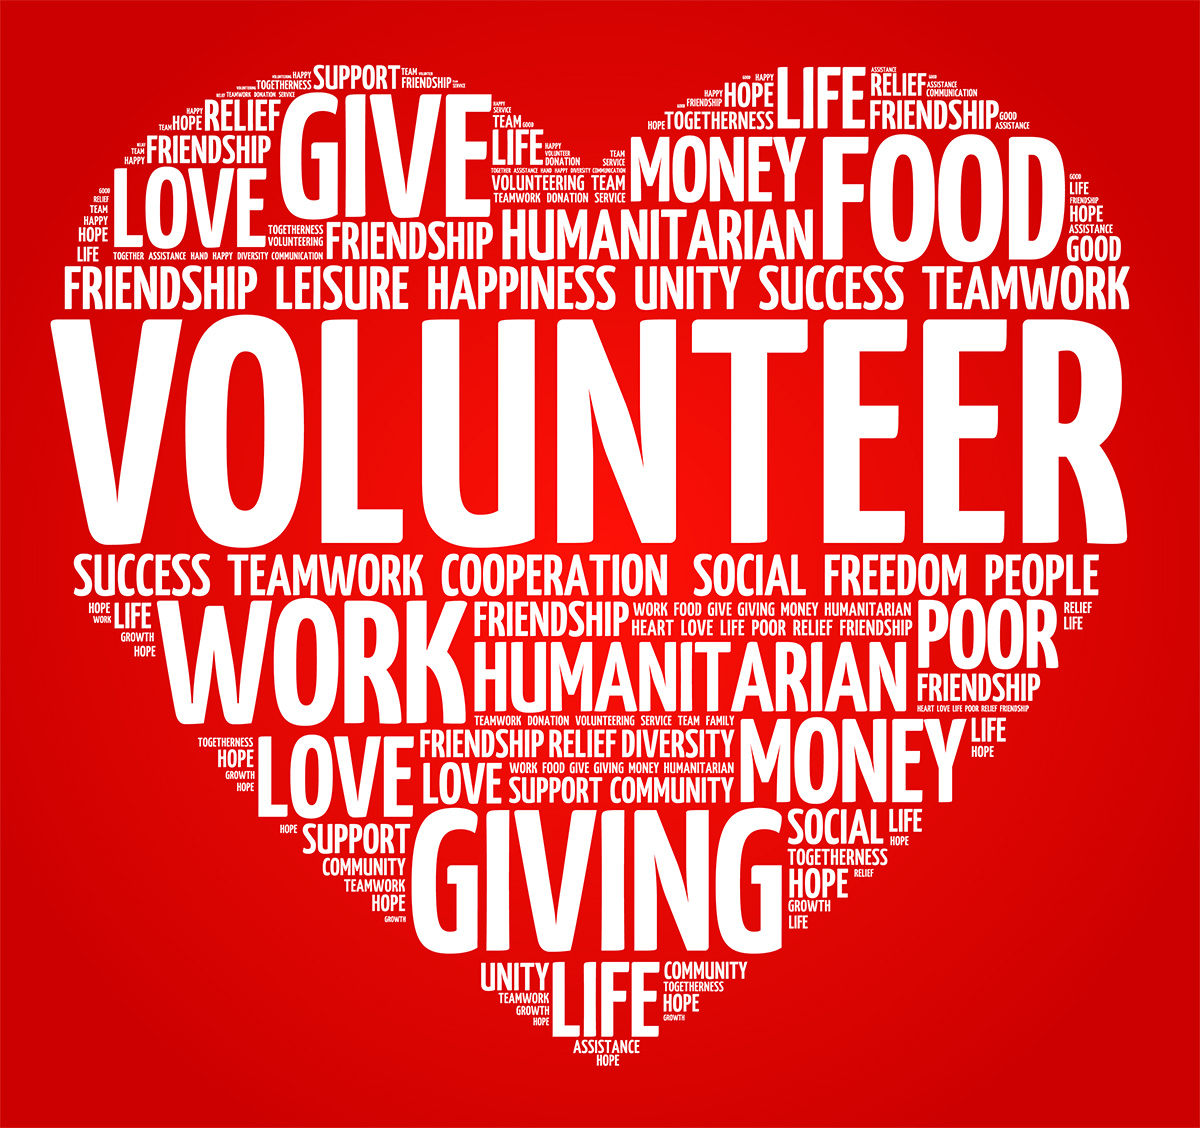 Volunteer Image Smaller.jpg